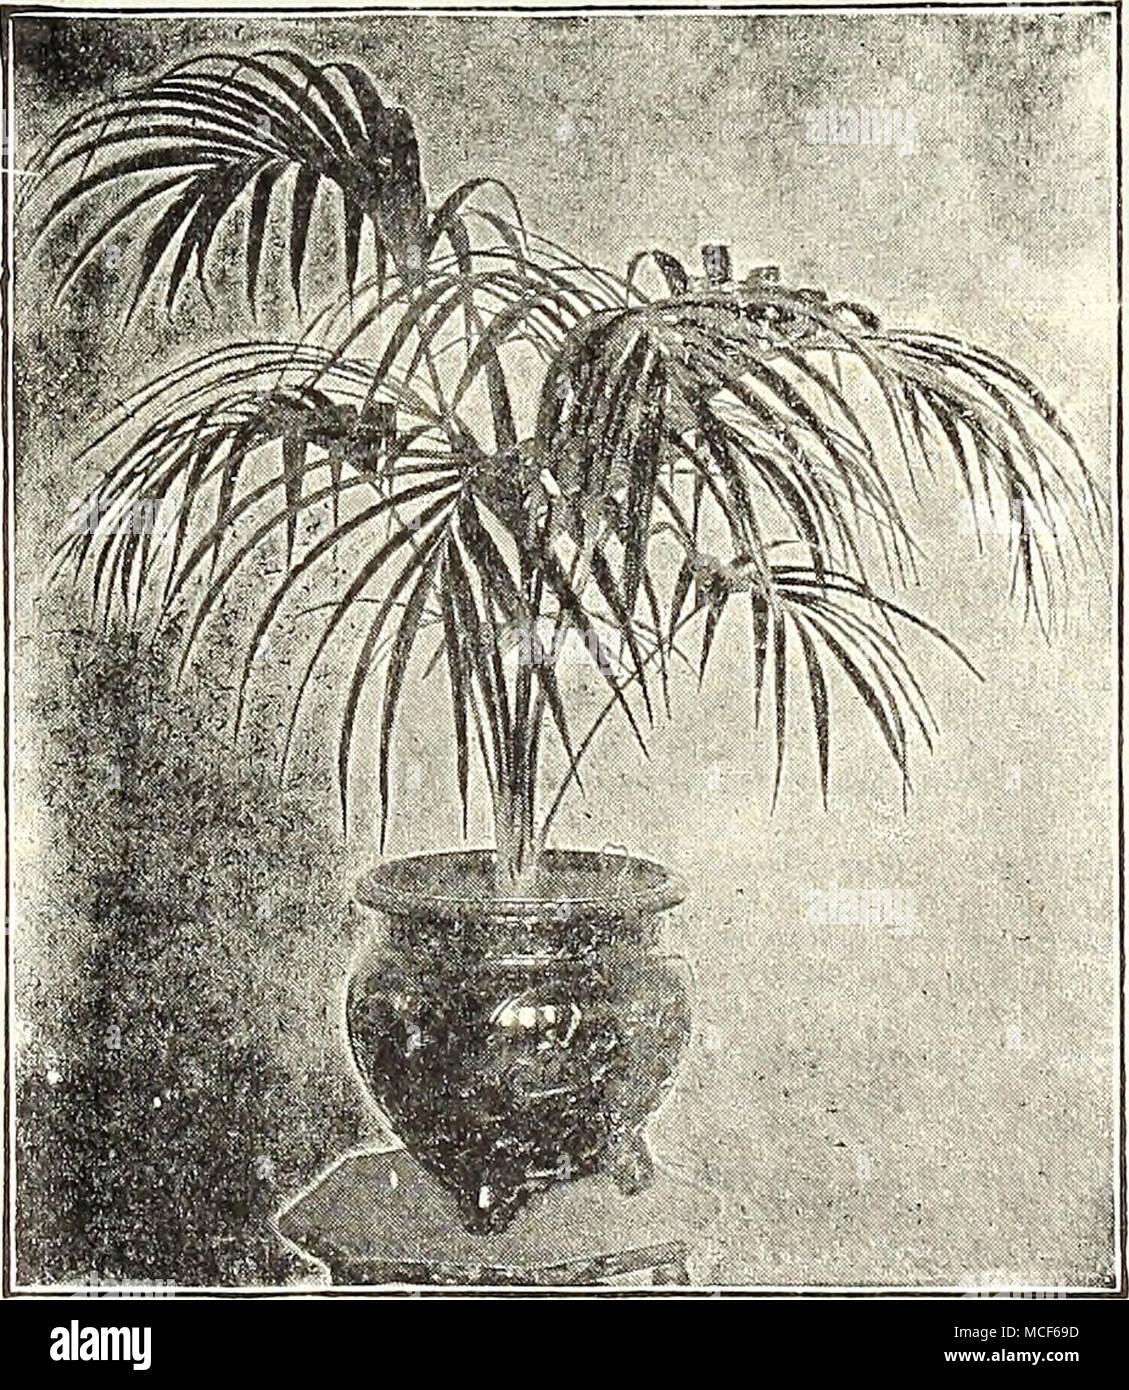 Kentia Belmoreana Angebot Der Palmen Wir Eine Sparsame Junge Pflanze